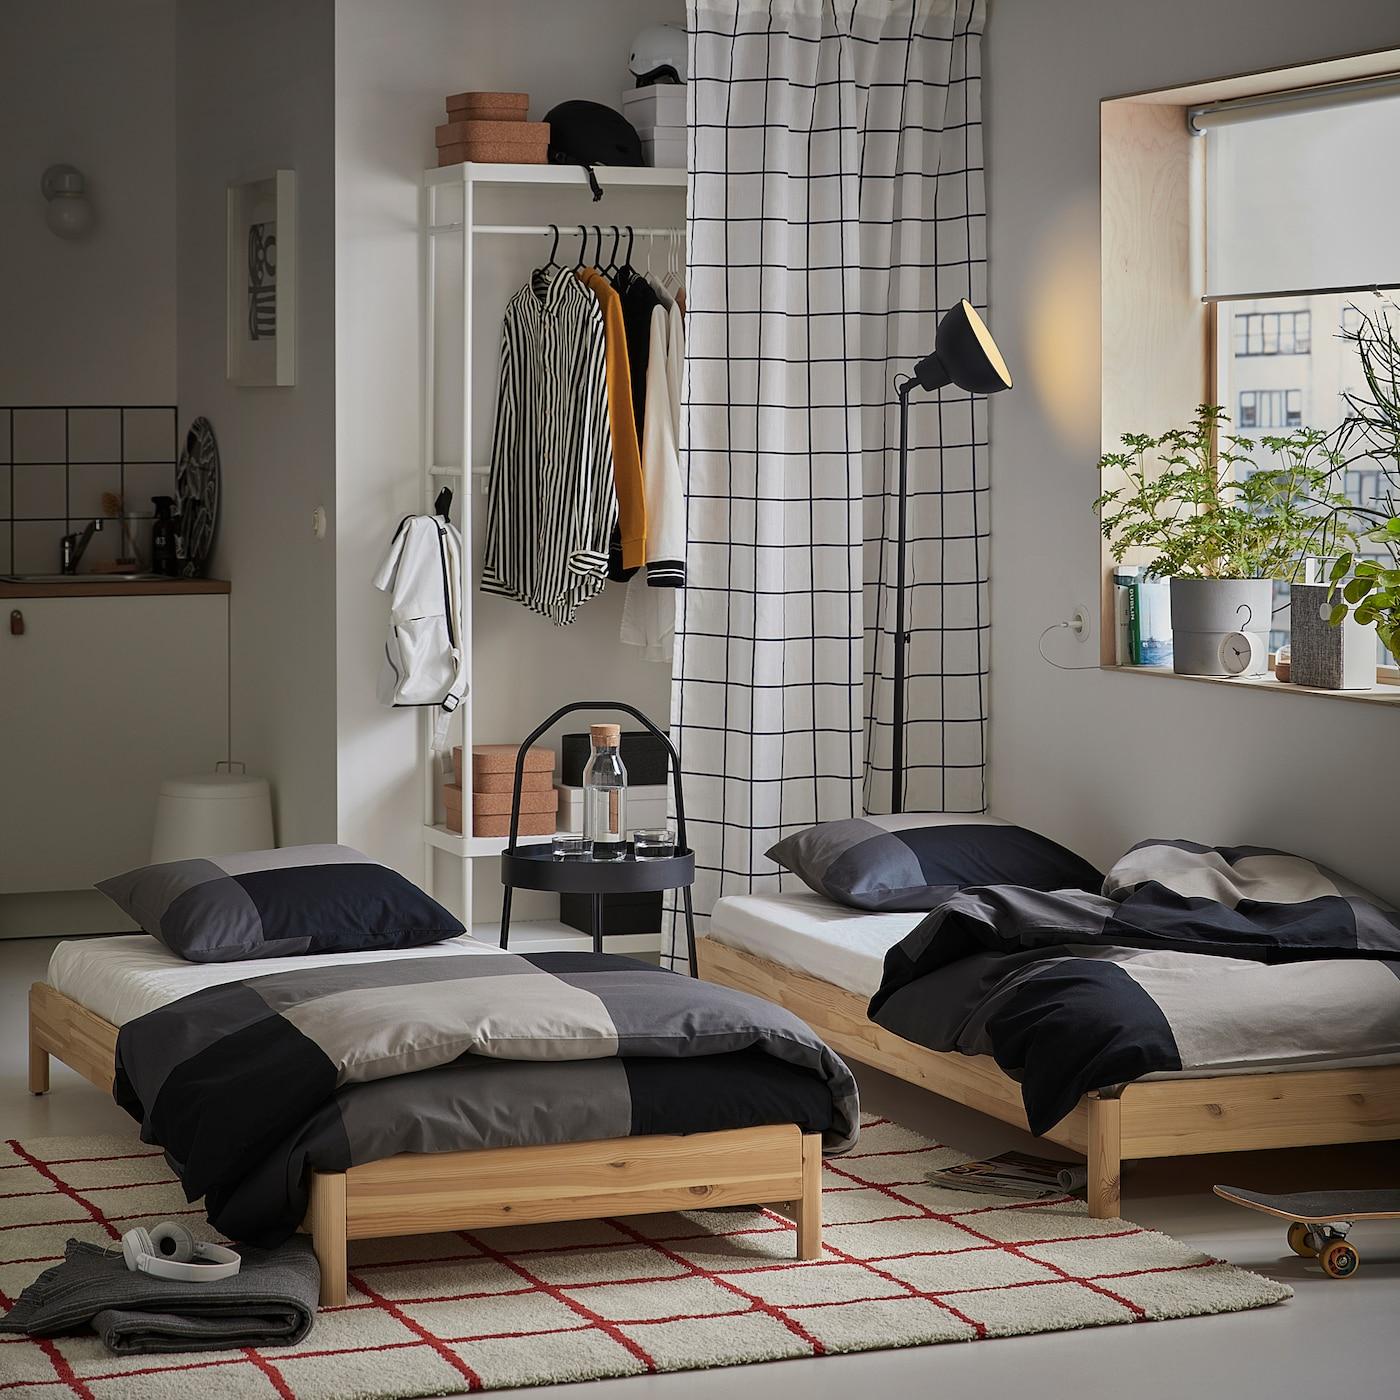 Full Size of Ikea Bett Selber Zusammenstellen Massivholz Selbst Zum Machen Schweiz Hasena Kopfteil Boxspring Utker Minion Schramm Betten Bauen Außergewöhnliche Bett Bett Selber Zusammenstellen